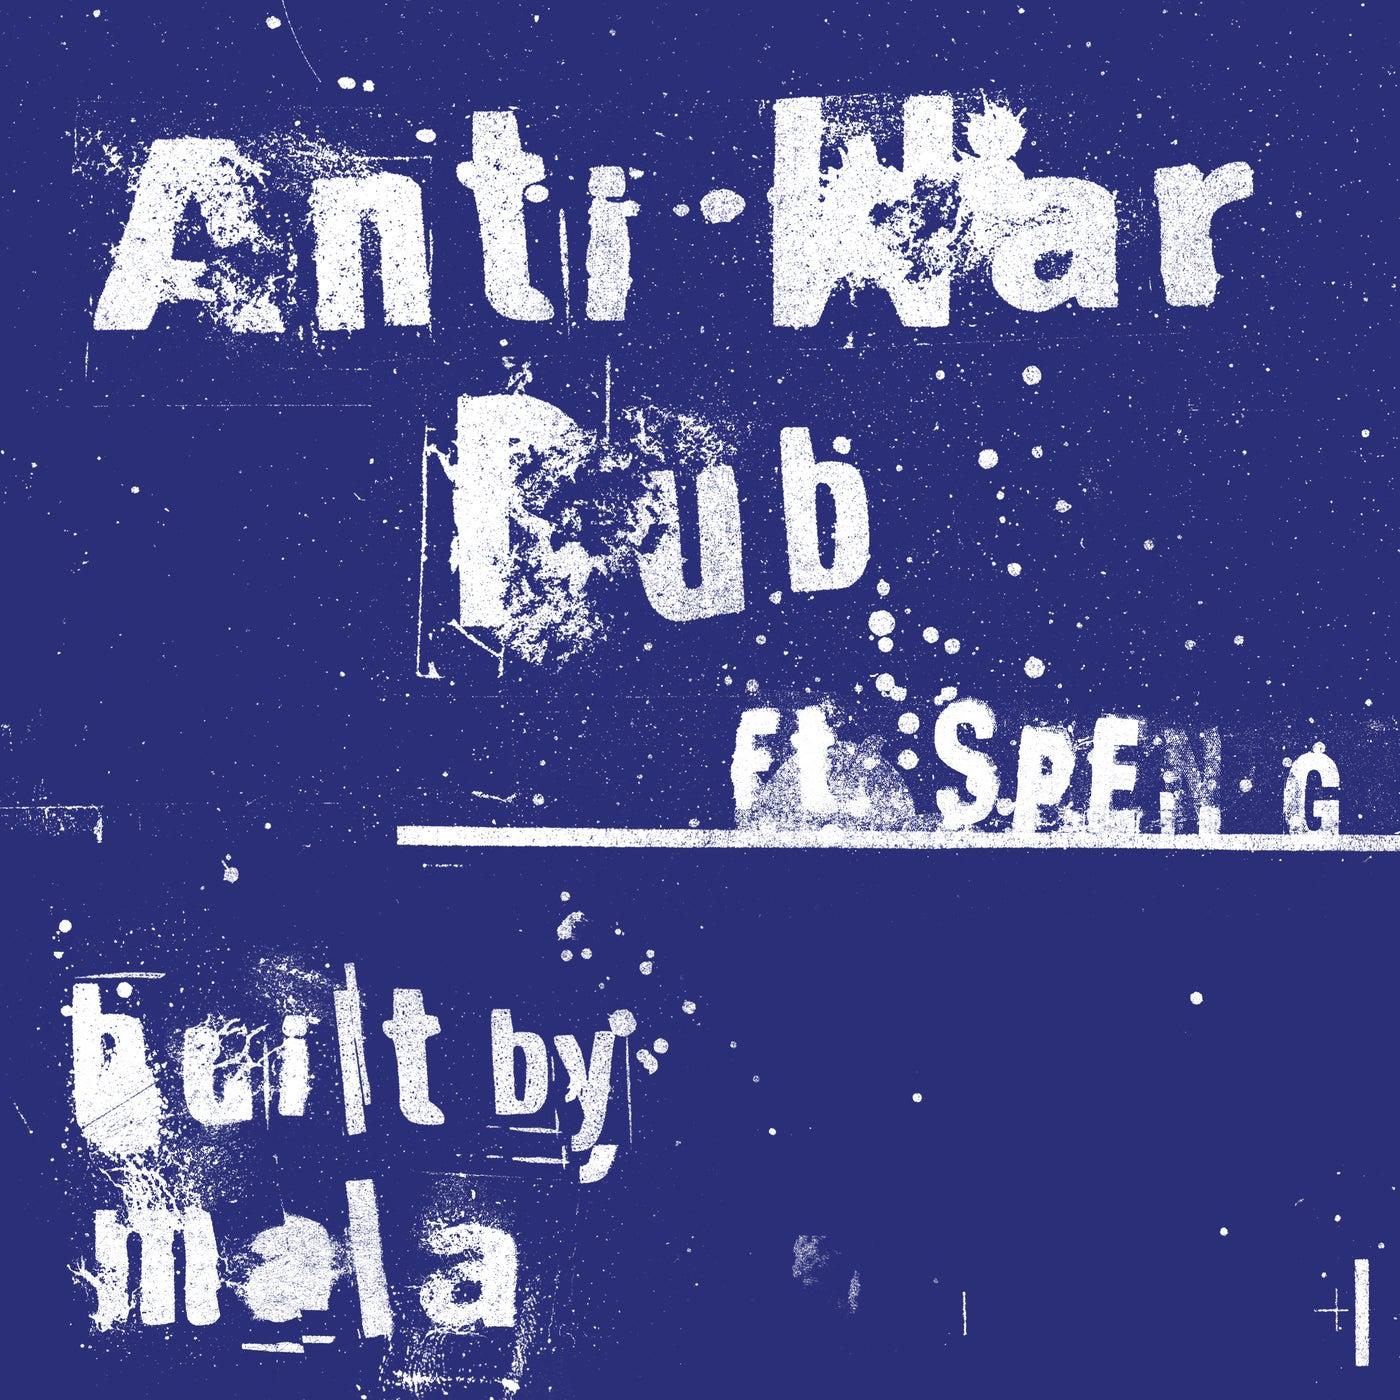 Anti War Dub feat. Spen G (Re-master)